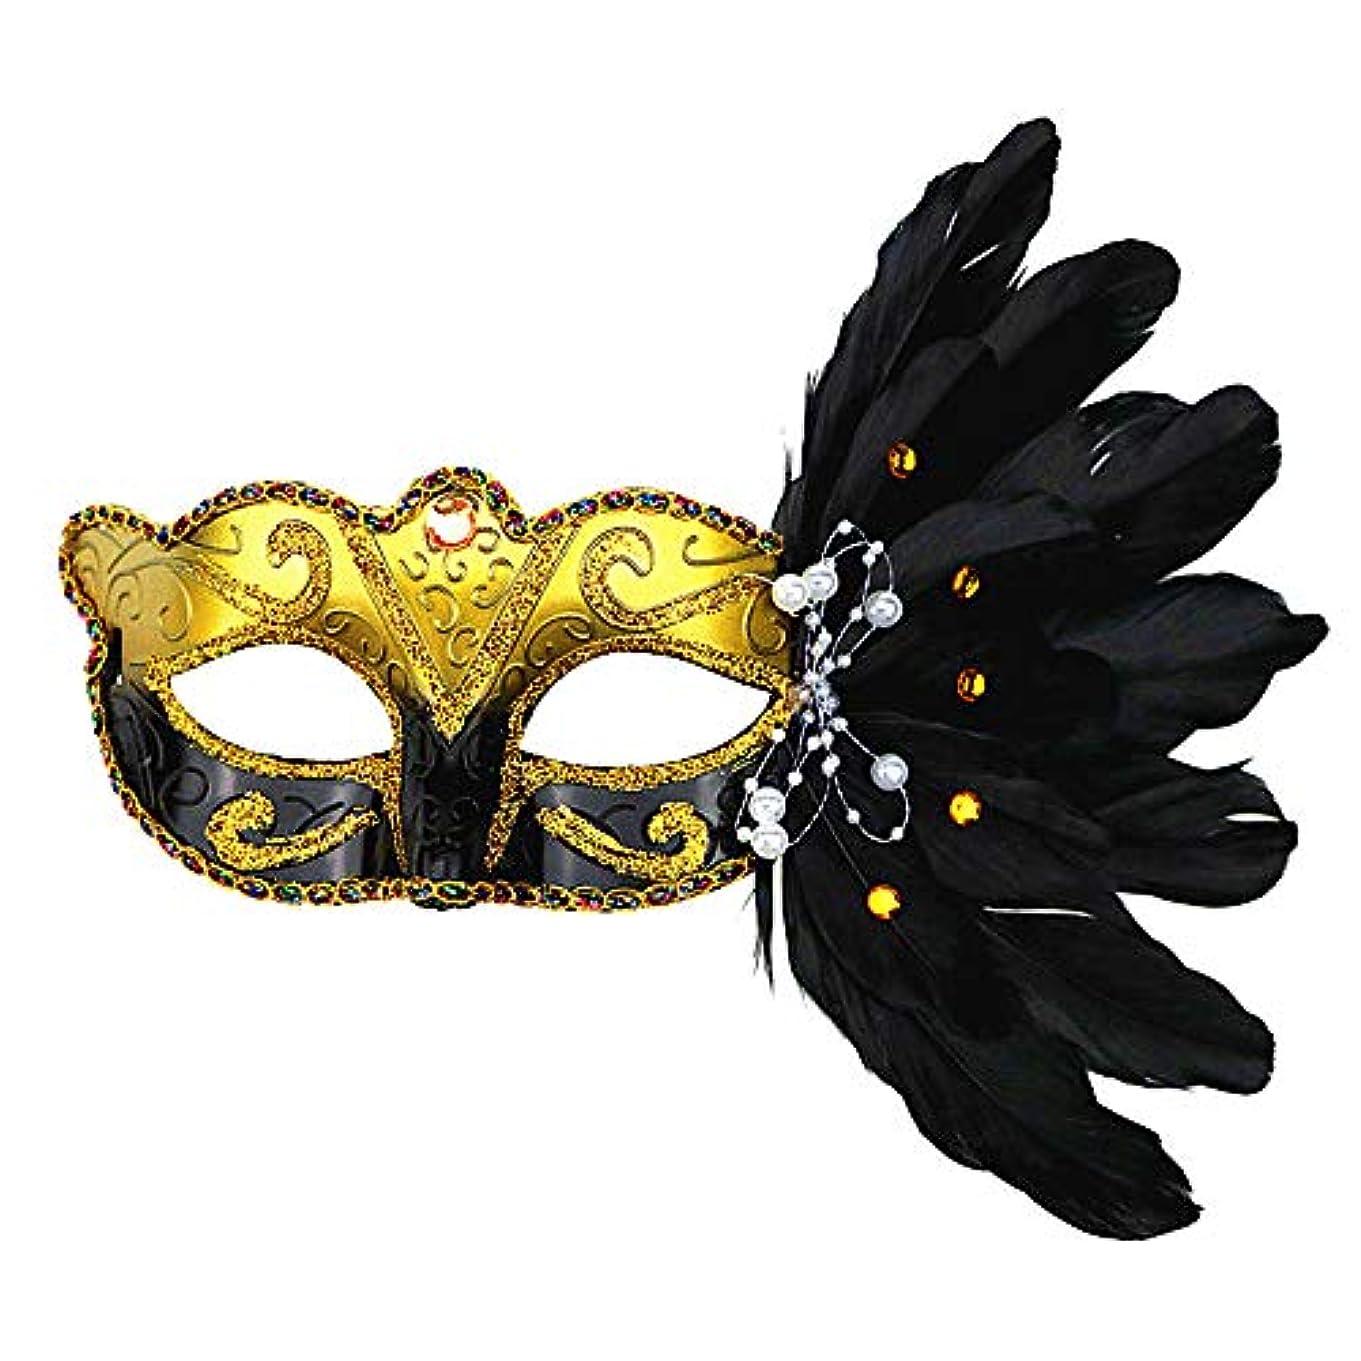 評価可能音楽を聴く汚すAuntwhale ハロウィーンマスク大人恐怖コスチューム、ペイントフェザーファンシーマスカレードパーティーハロウィンマスク、フェスティバル通気性ギフトヘッドマスク